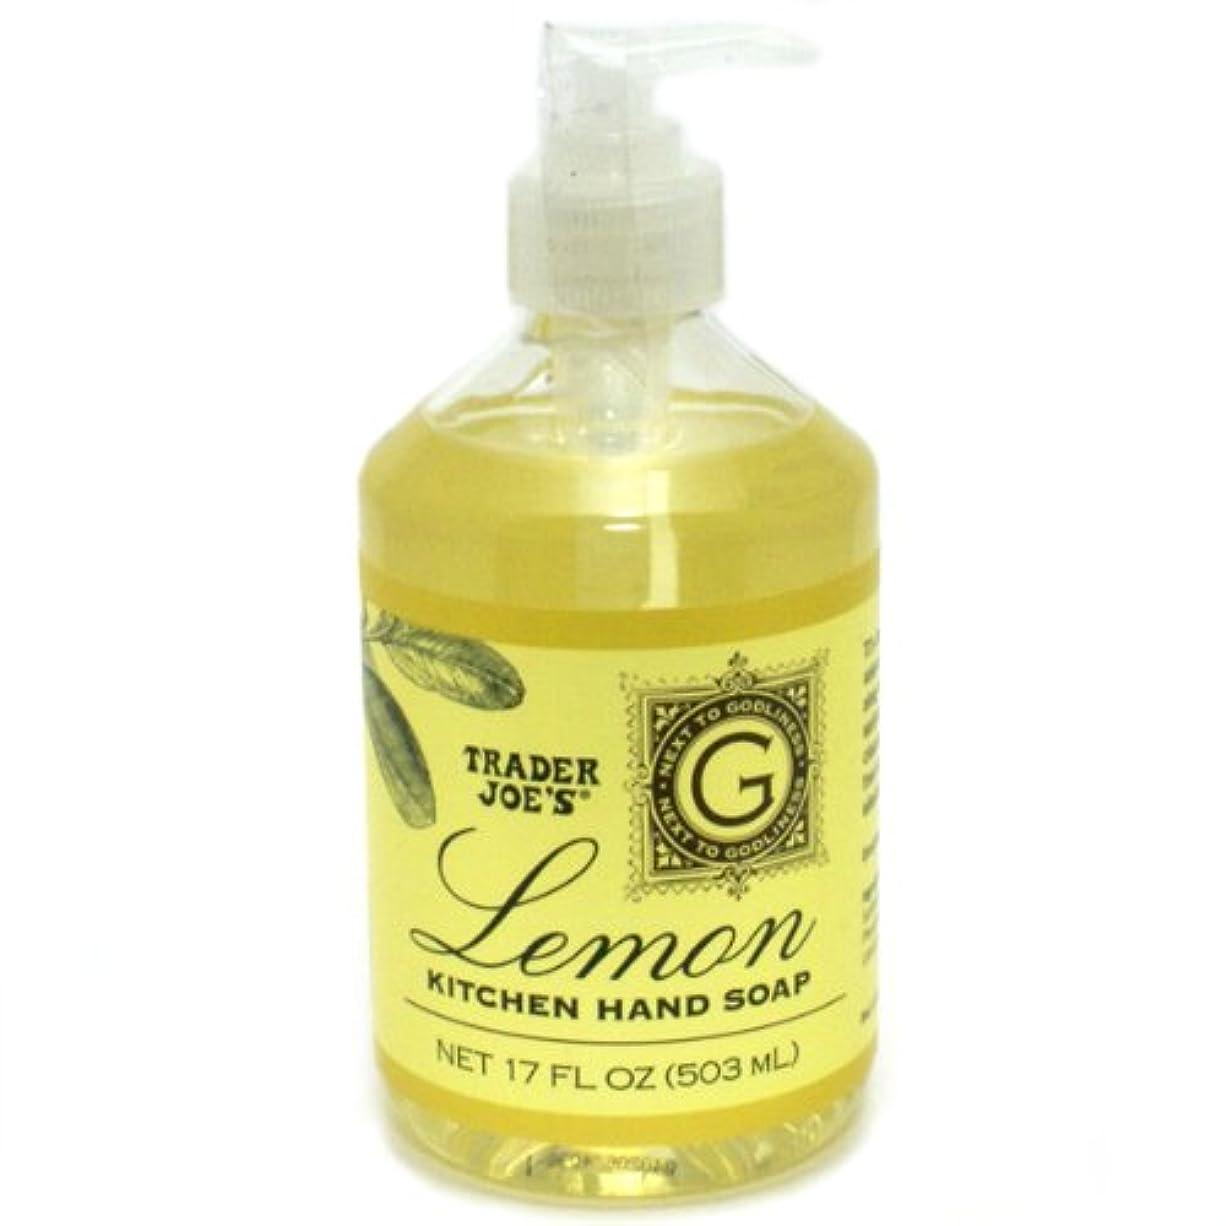 また明日ね抜粋青写真Trader Joe's トレーダージョーズ KITCHEN HAND SOAP Lemon レモン キッチンハンドソープ [並行輸入品]